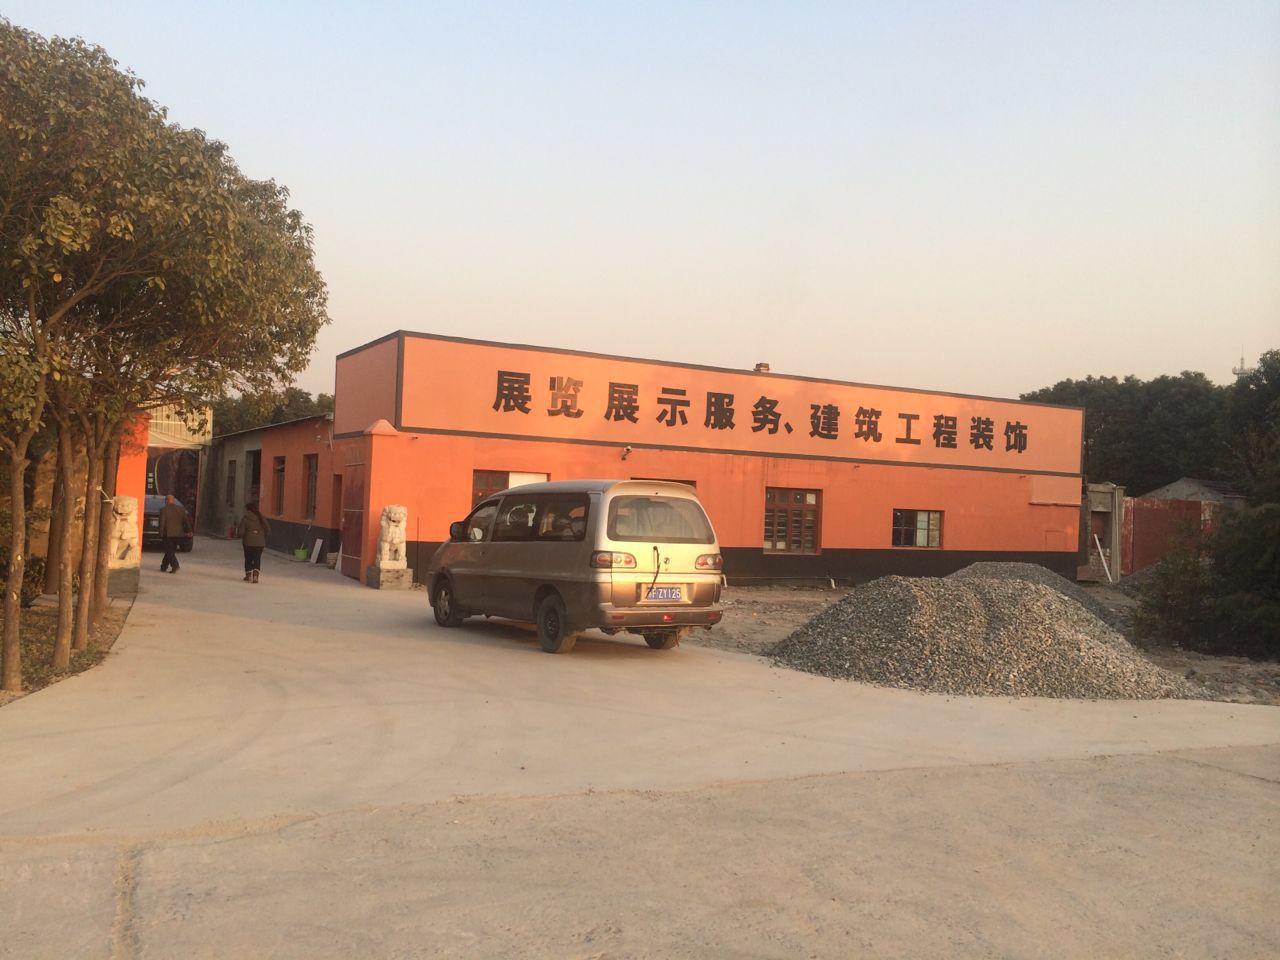 上海磊云展览制作工厂